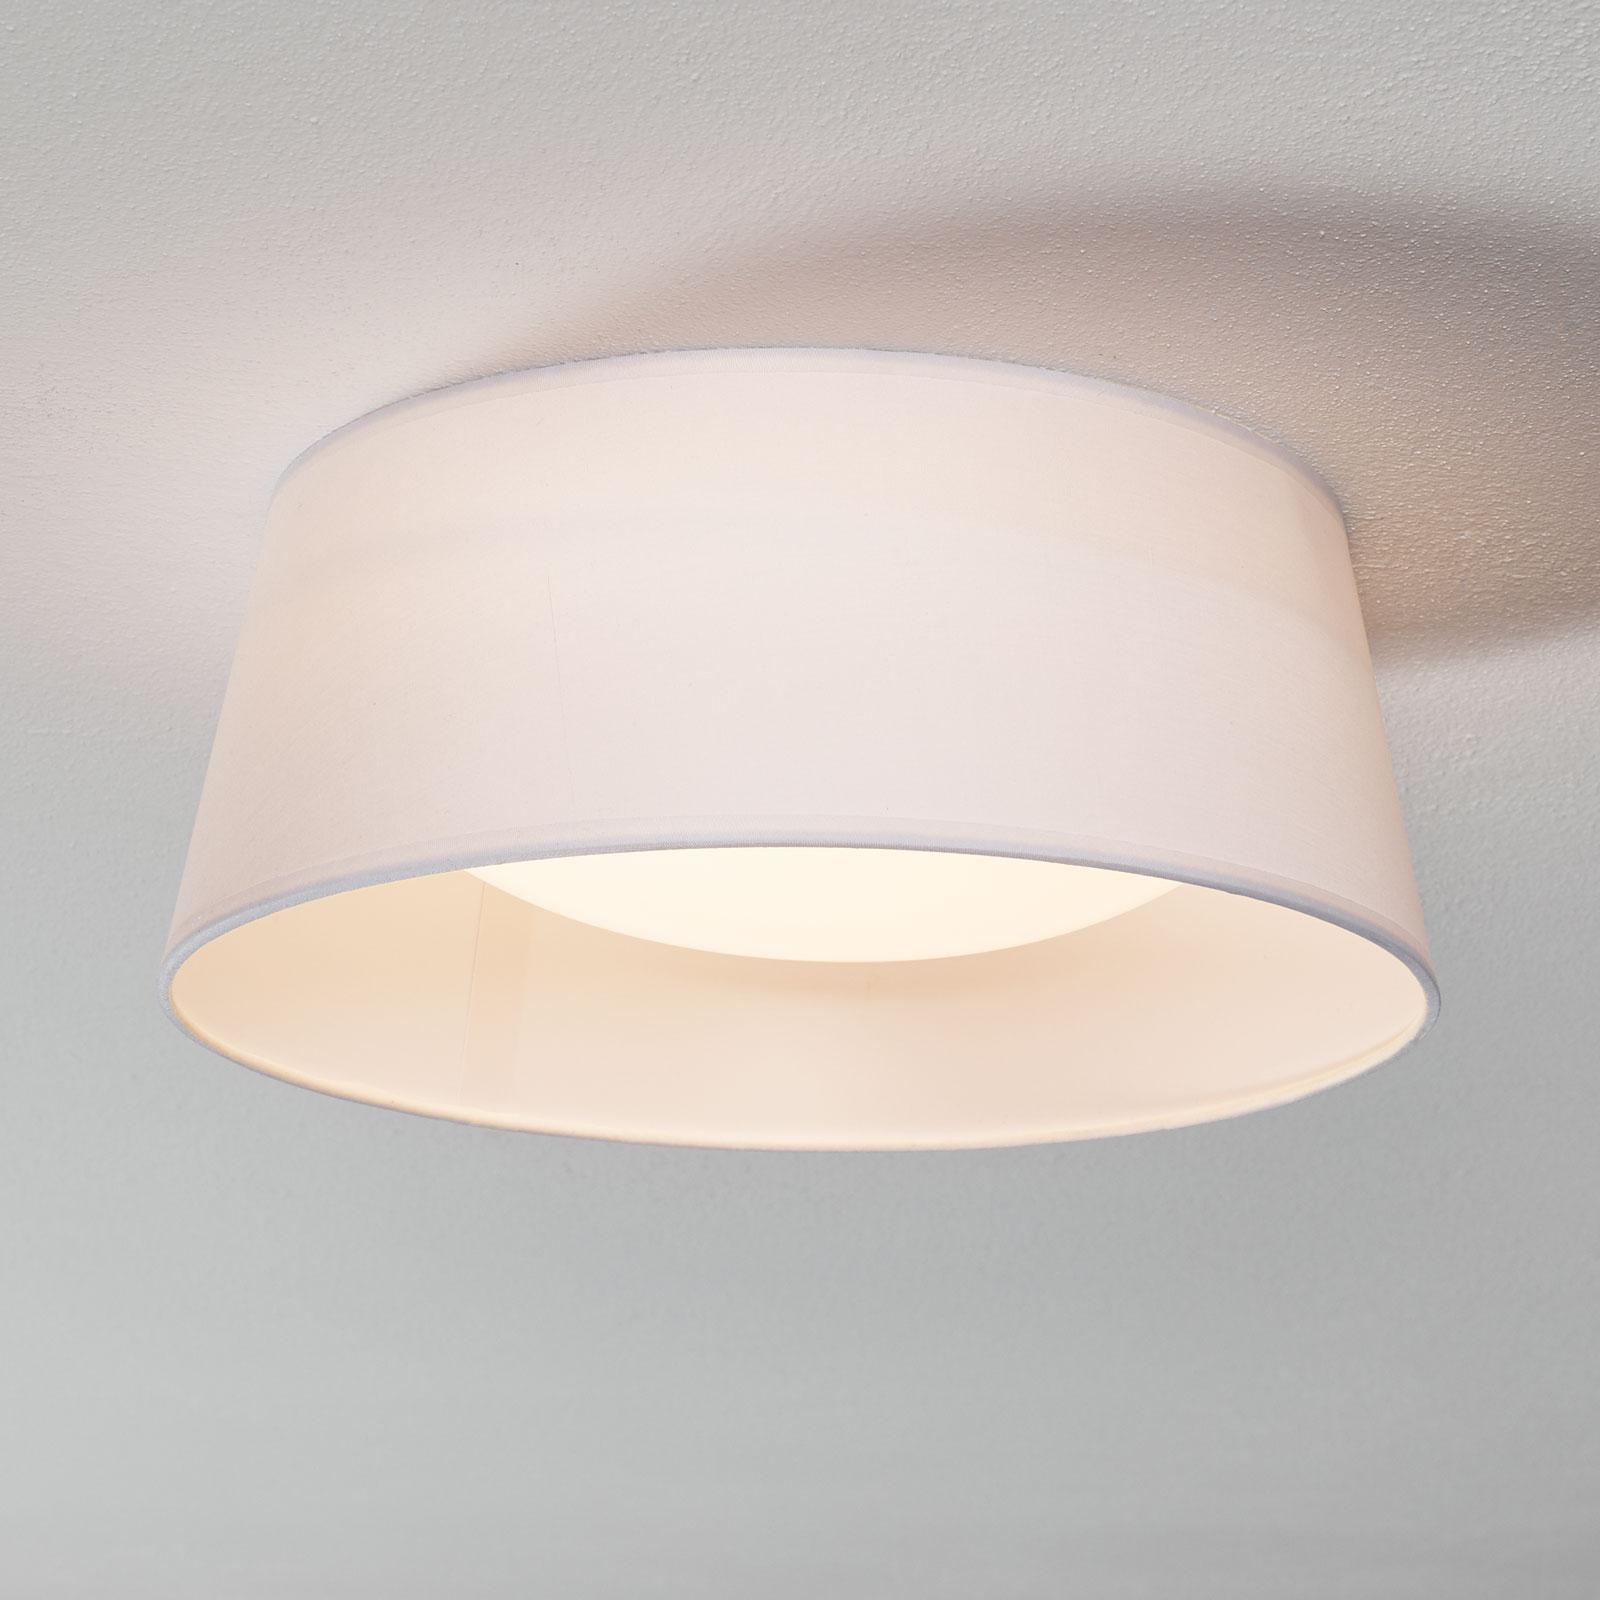 Plafonnier LED Ponts en tissu blanc